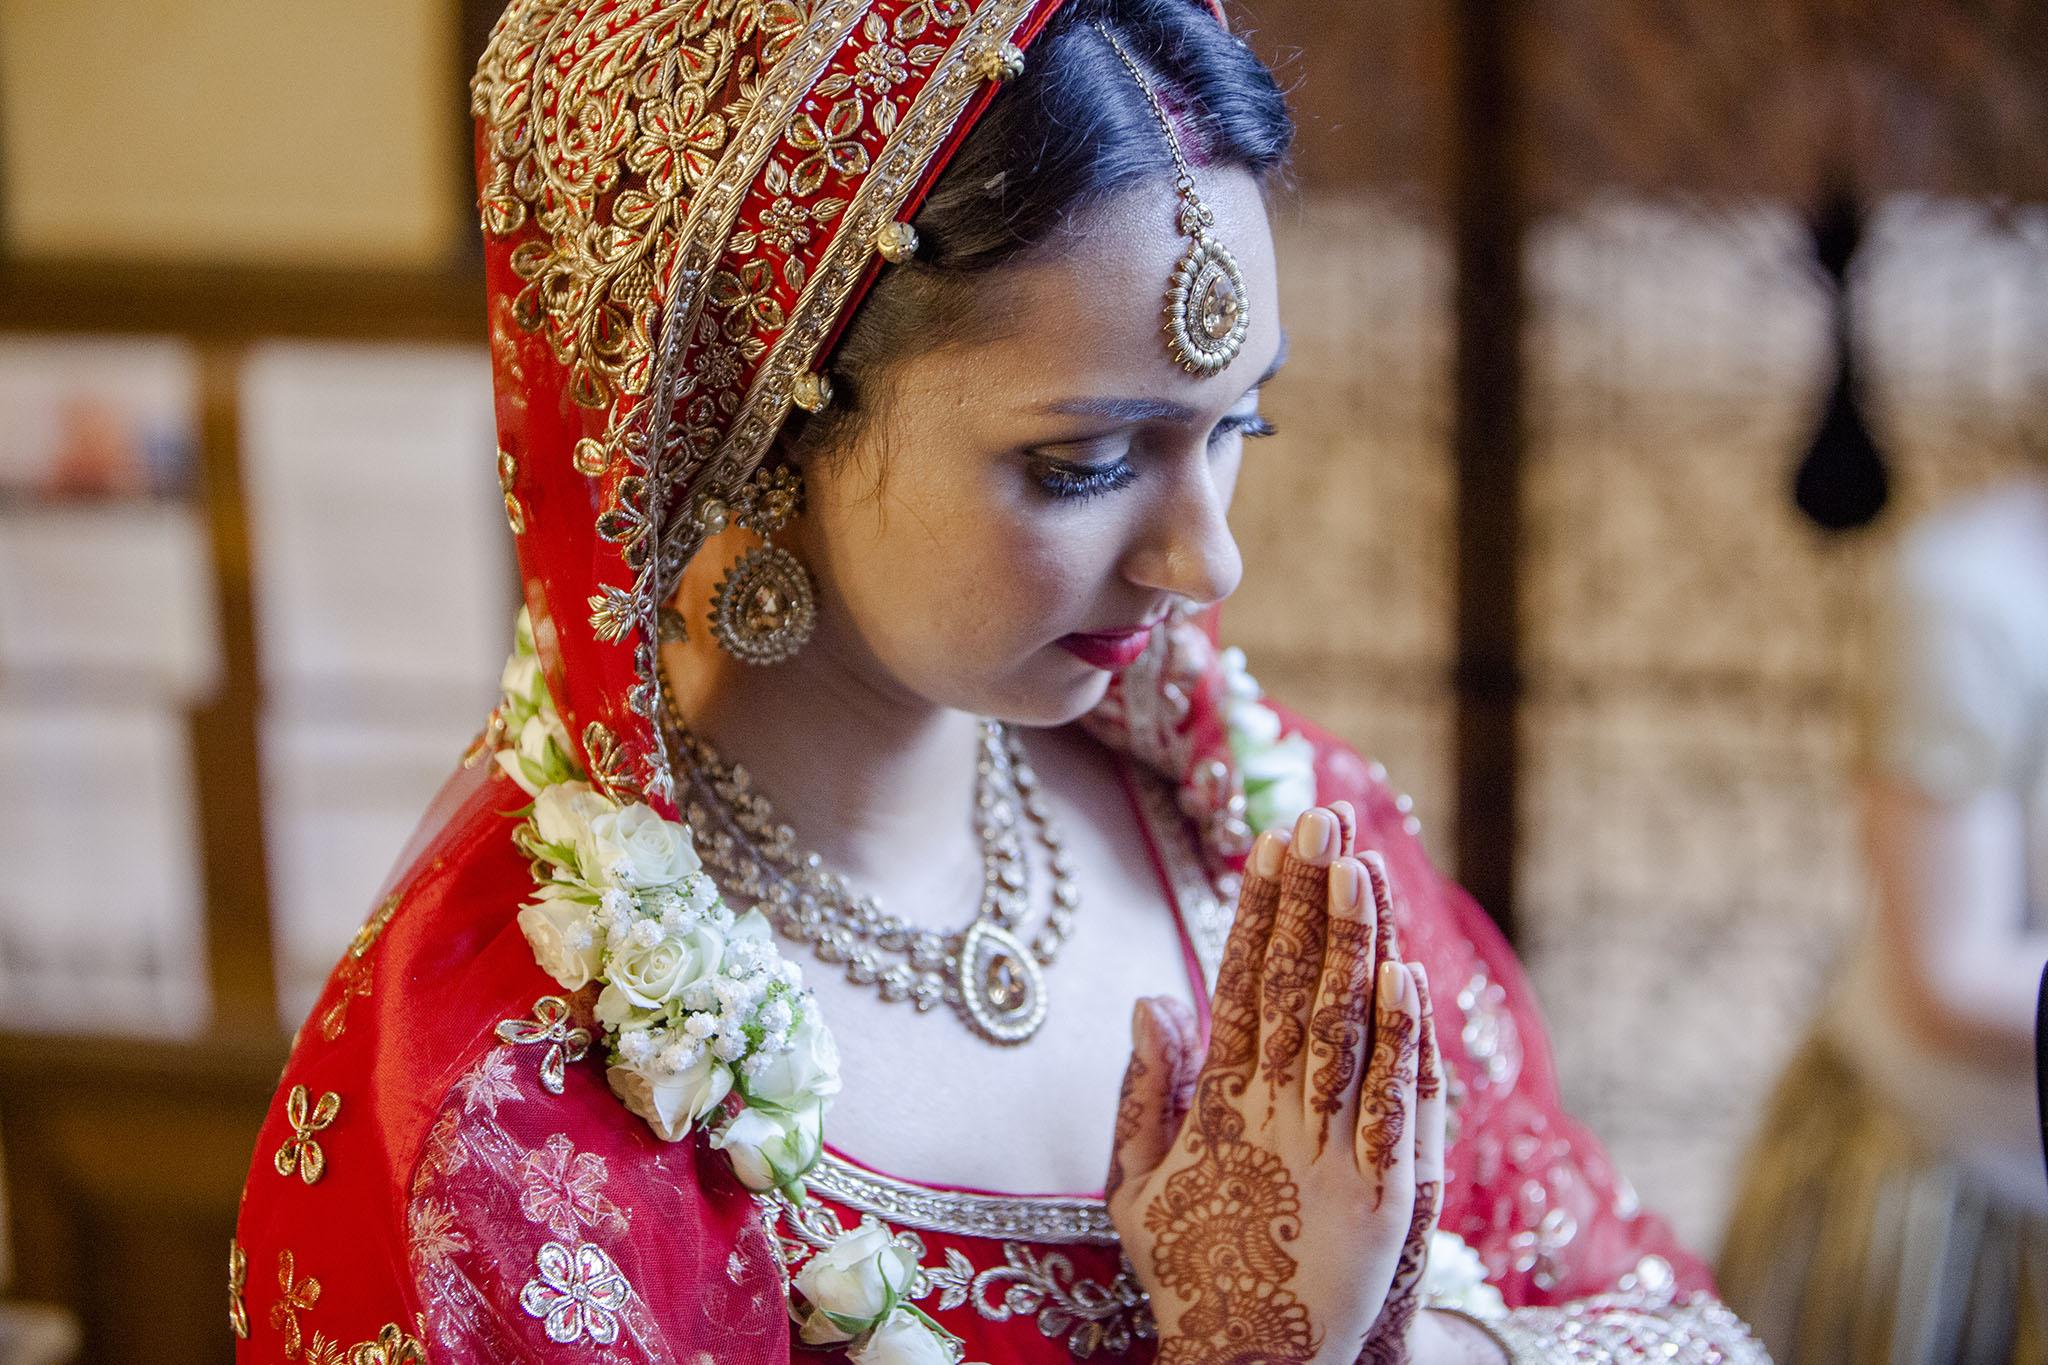 elizabethgphotography_kingslangley_hertfordshire_fineart_indian_wedding_photography_bhavesh_kundalata_bhaktivedanta_manor_watford_jpg65.jpg